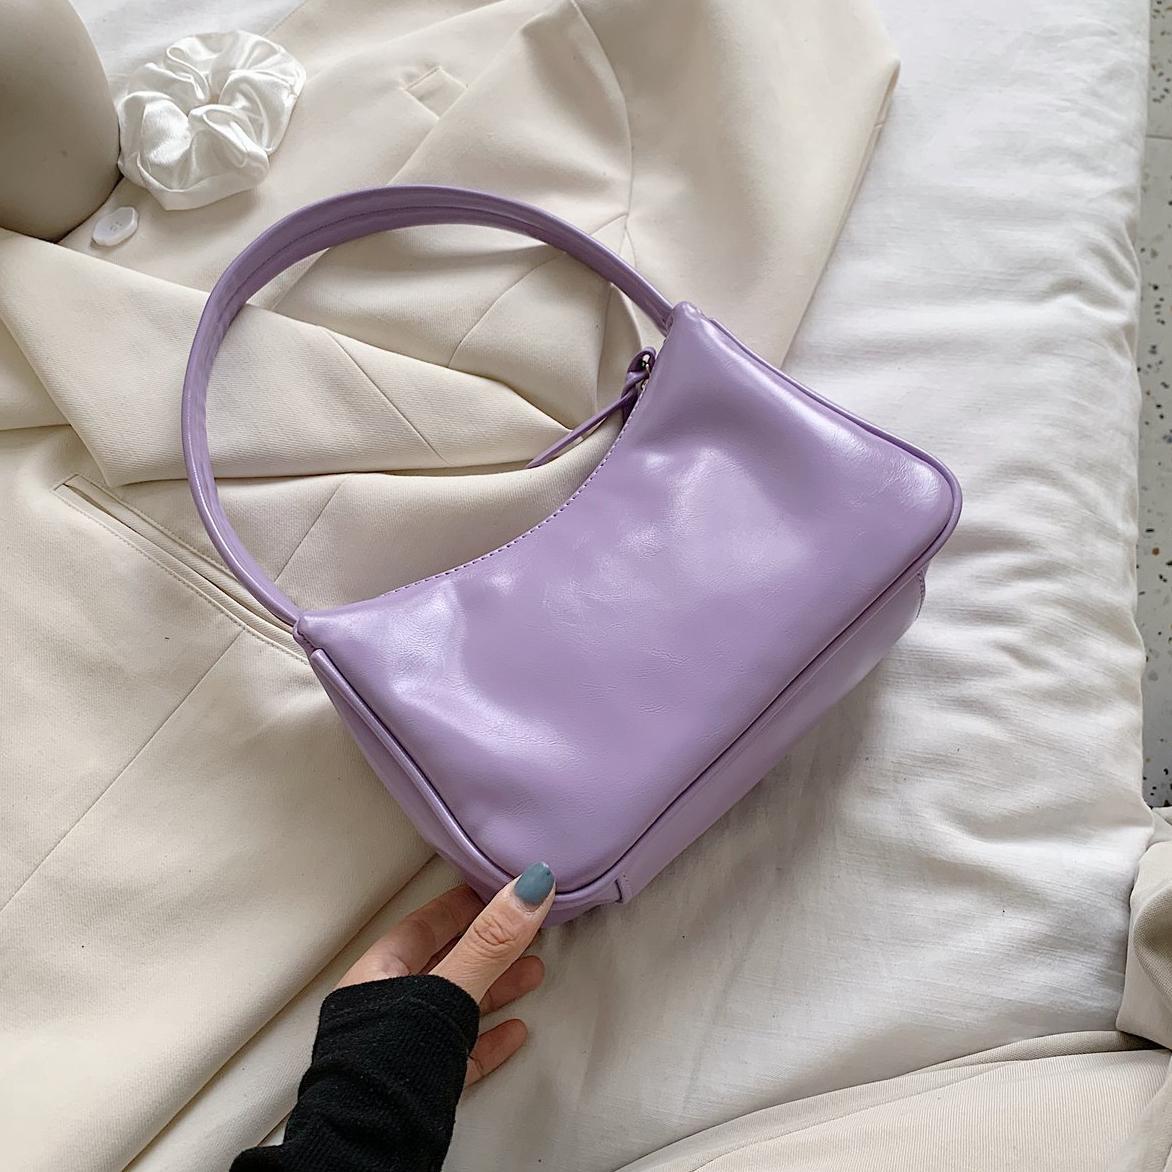 Color Solid Fashion PU для плеча и женщин 2020 кошельков Летние сумки Простые кожаные фиолетовые сумки Tote горячие женские рифды